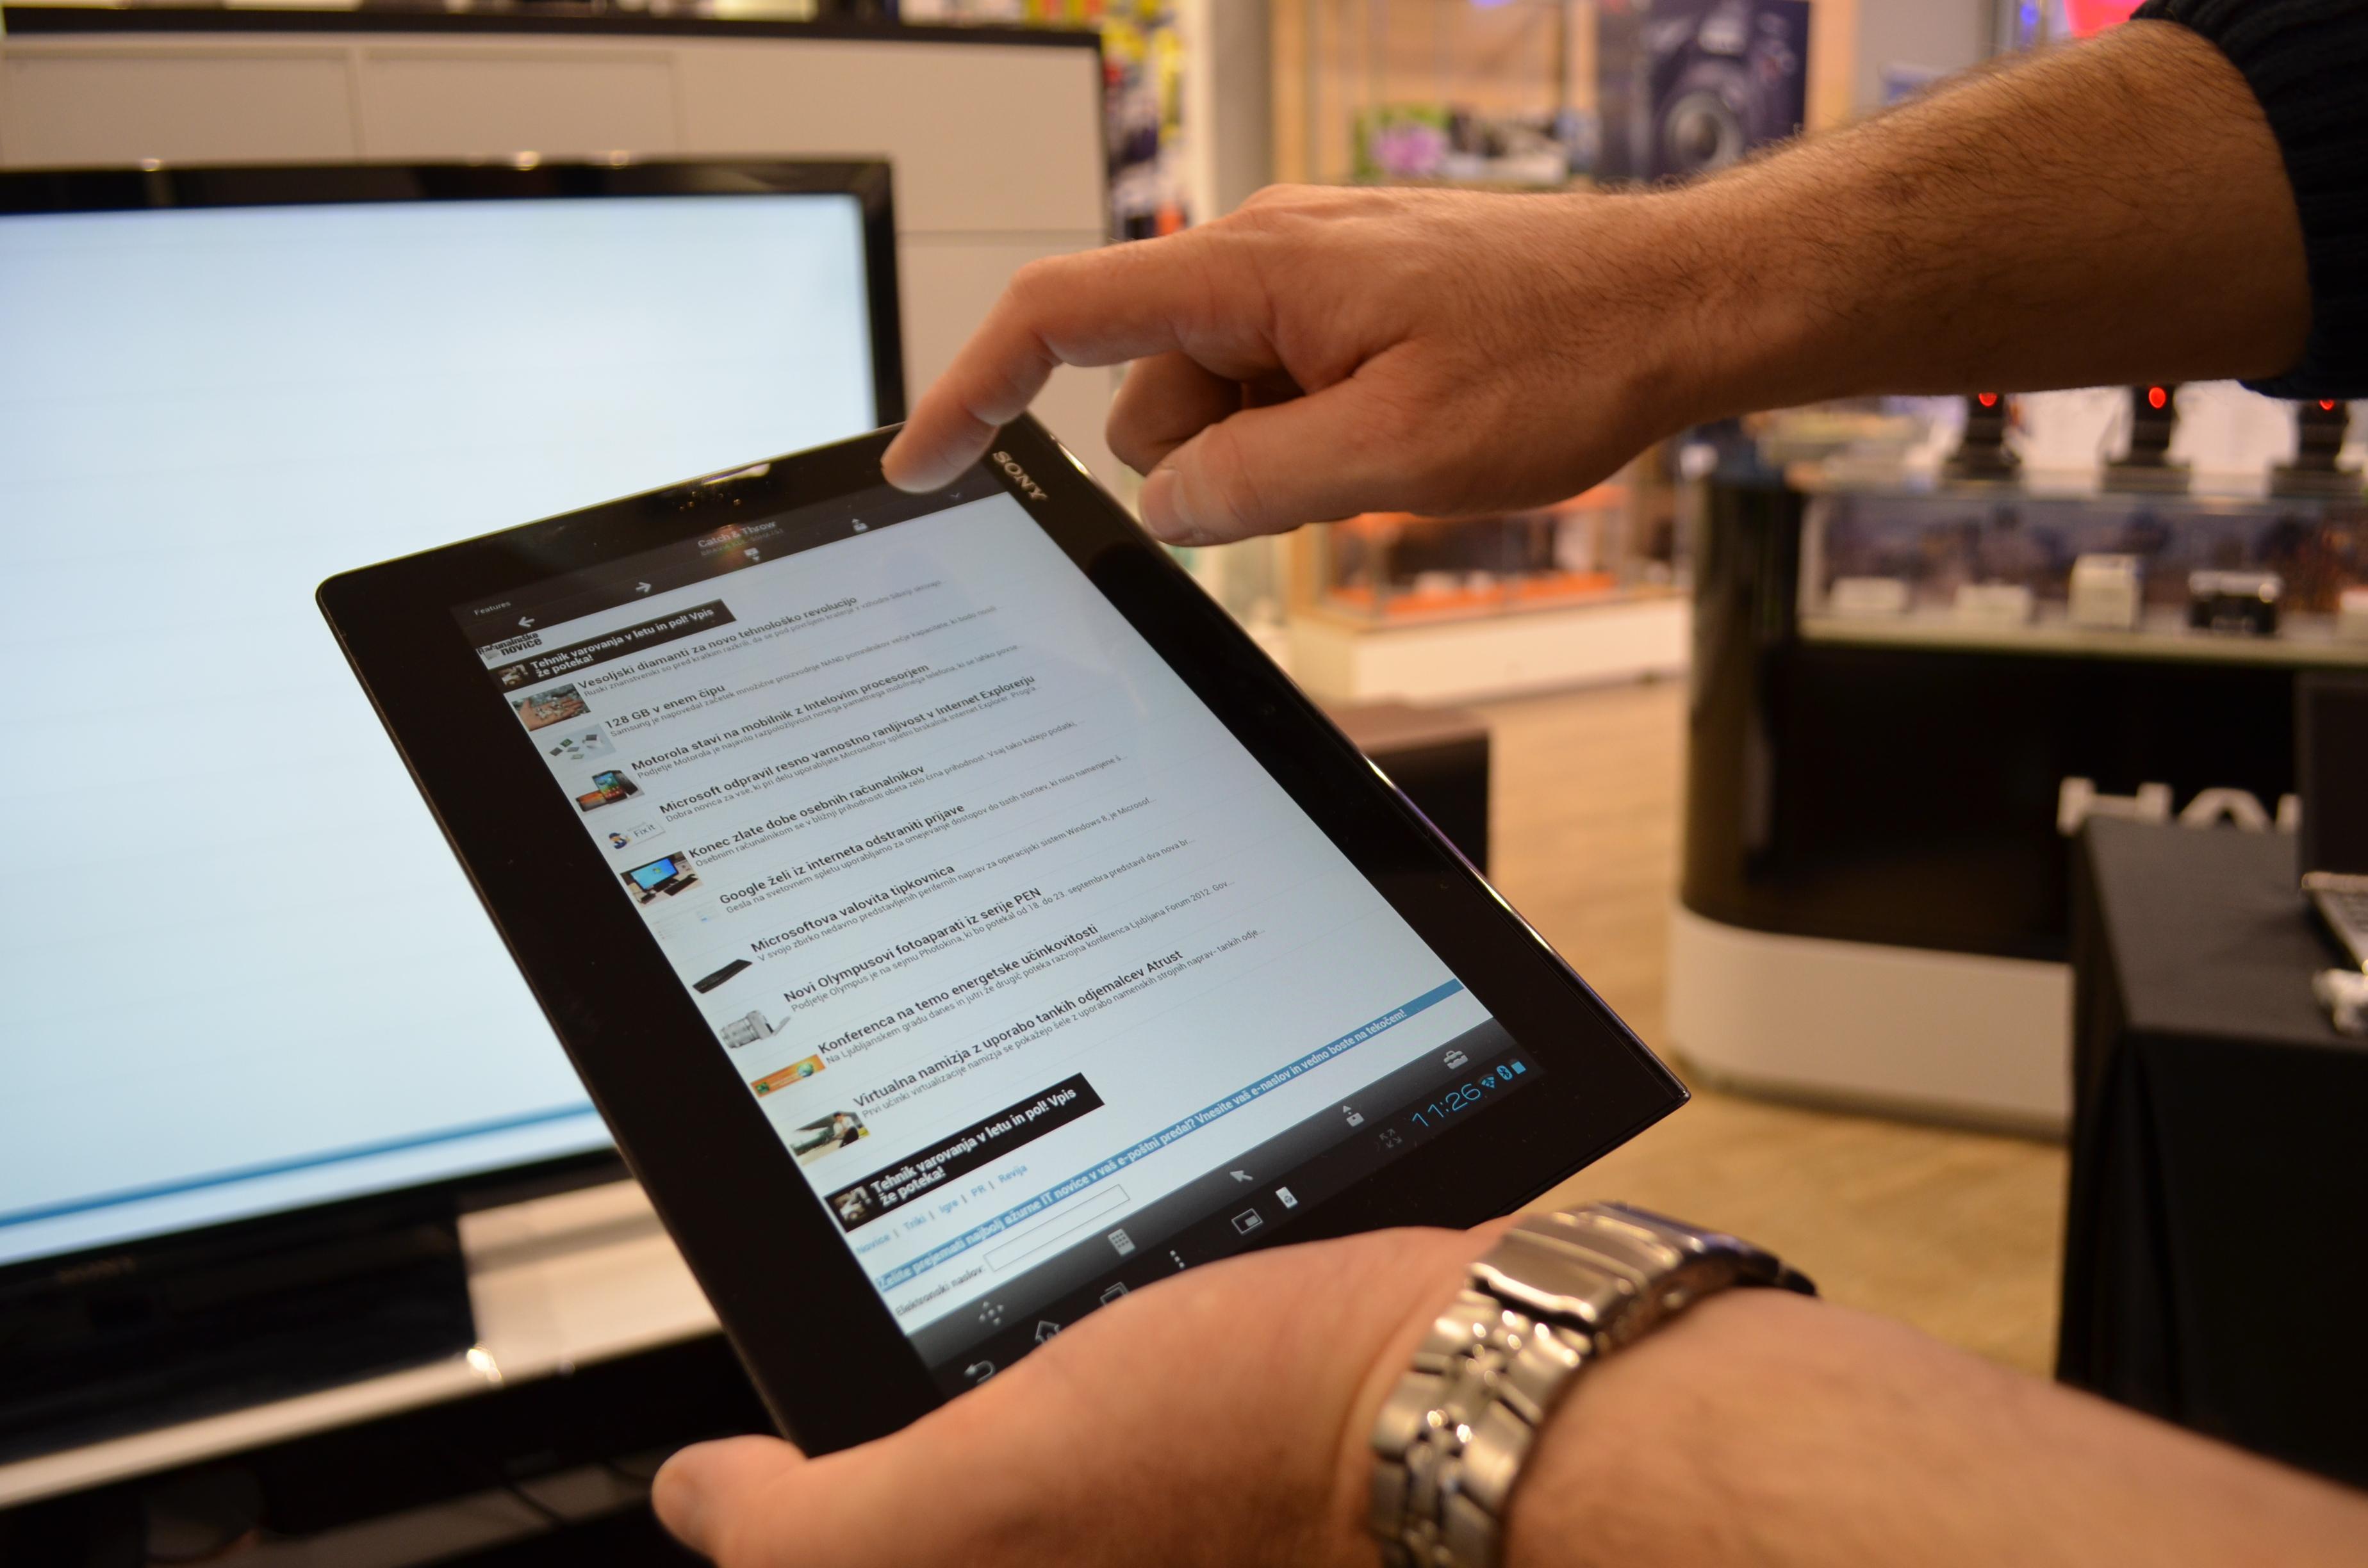 Sony Xperia Tablet S: Aluminjasta tablica, odporna na vodo.